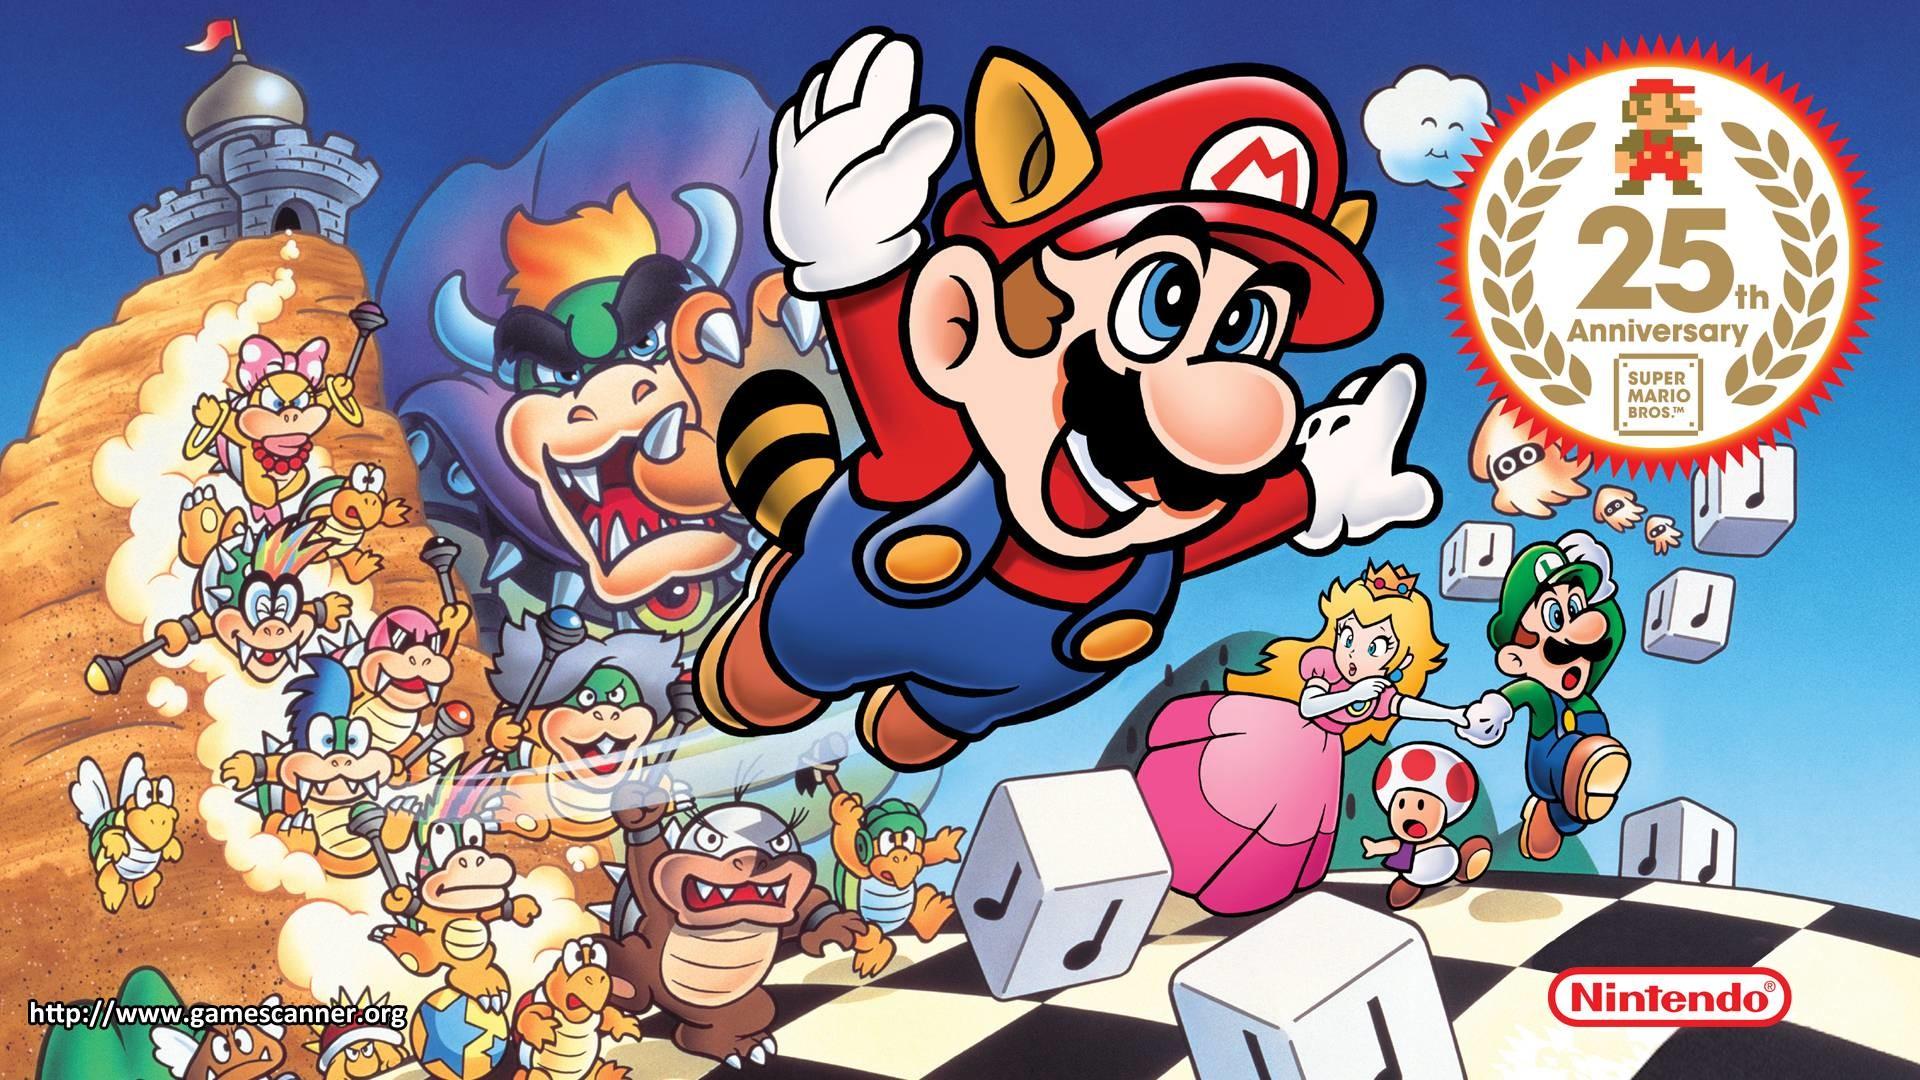 Super Mario 3 Wallpaper 64 Images